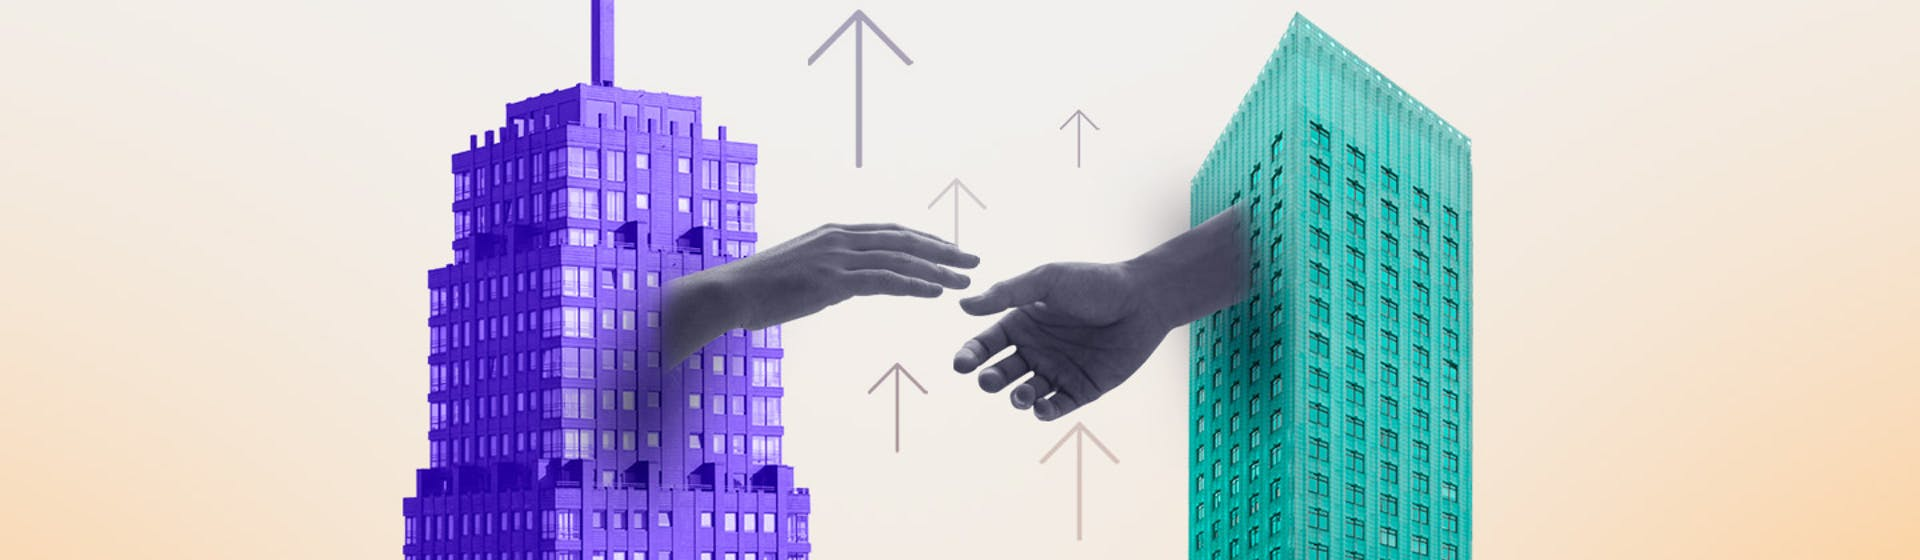 ¿Cómo innovar en empresas B2B?: +5 Pasos para lograrlo